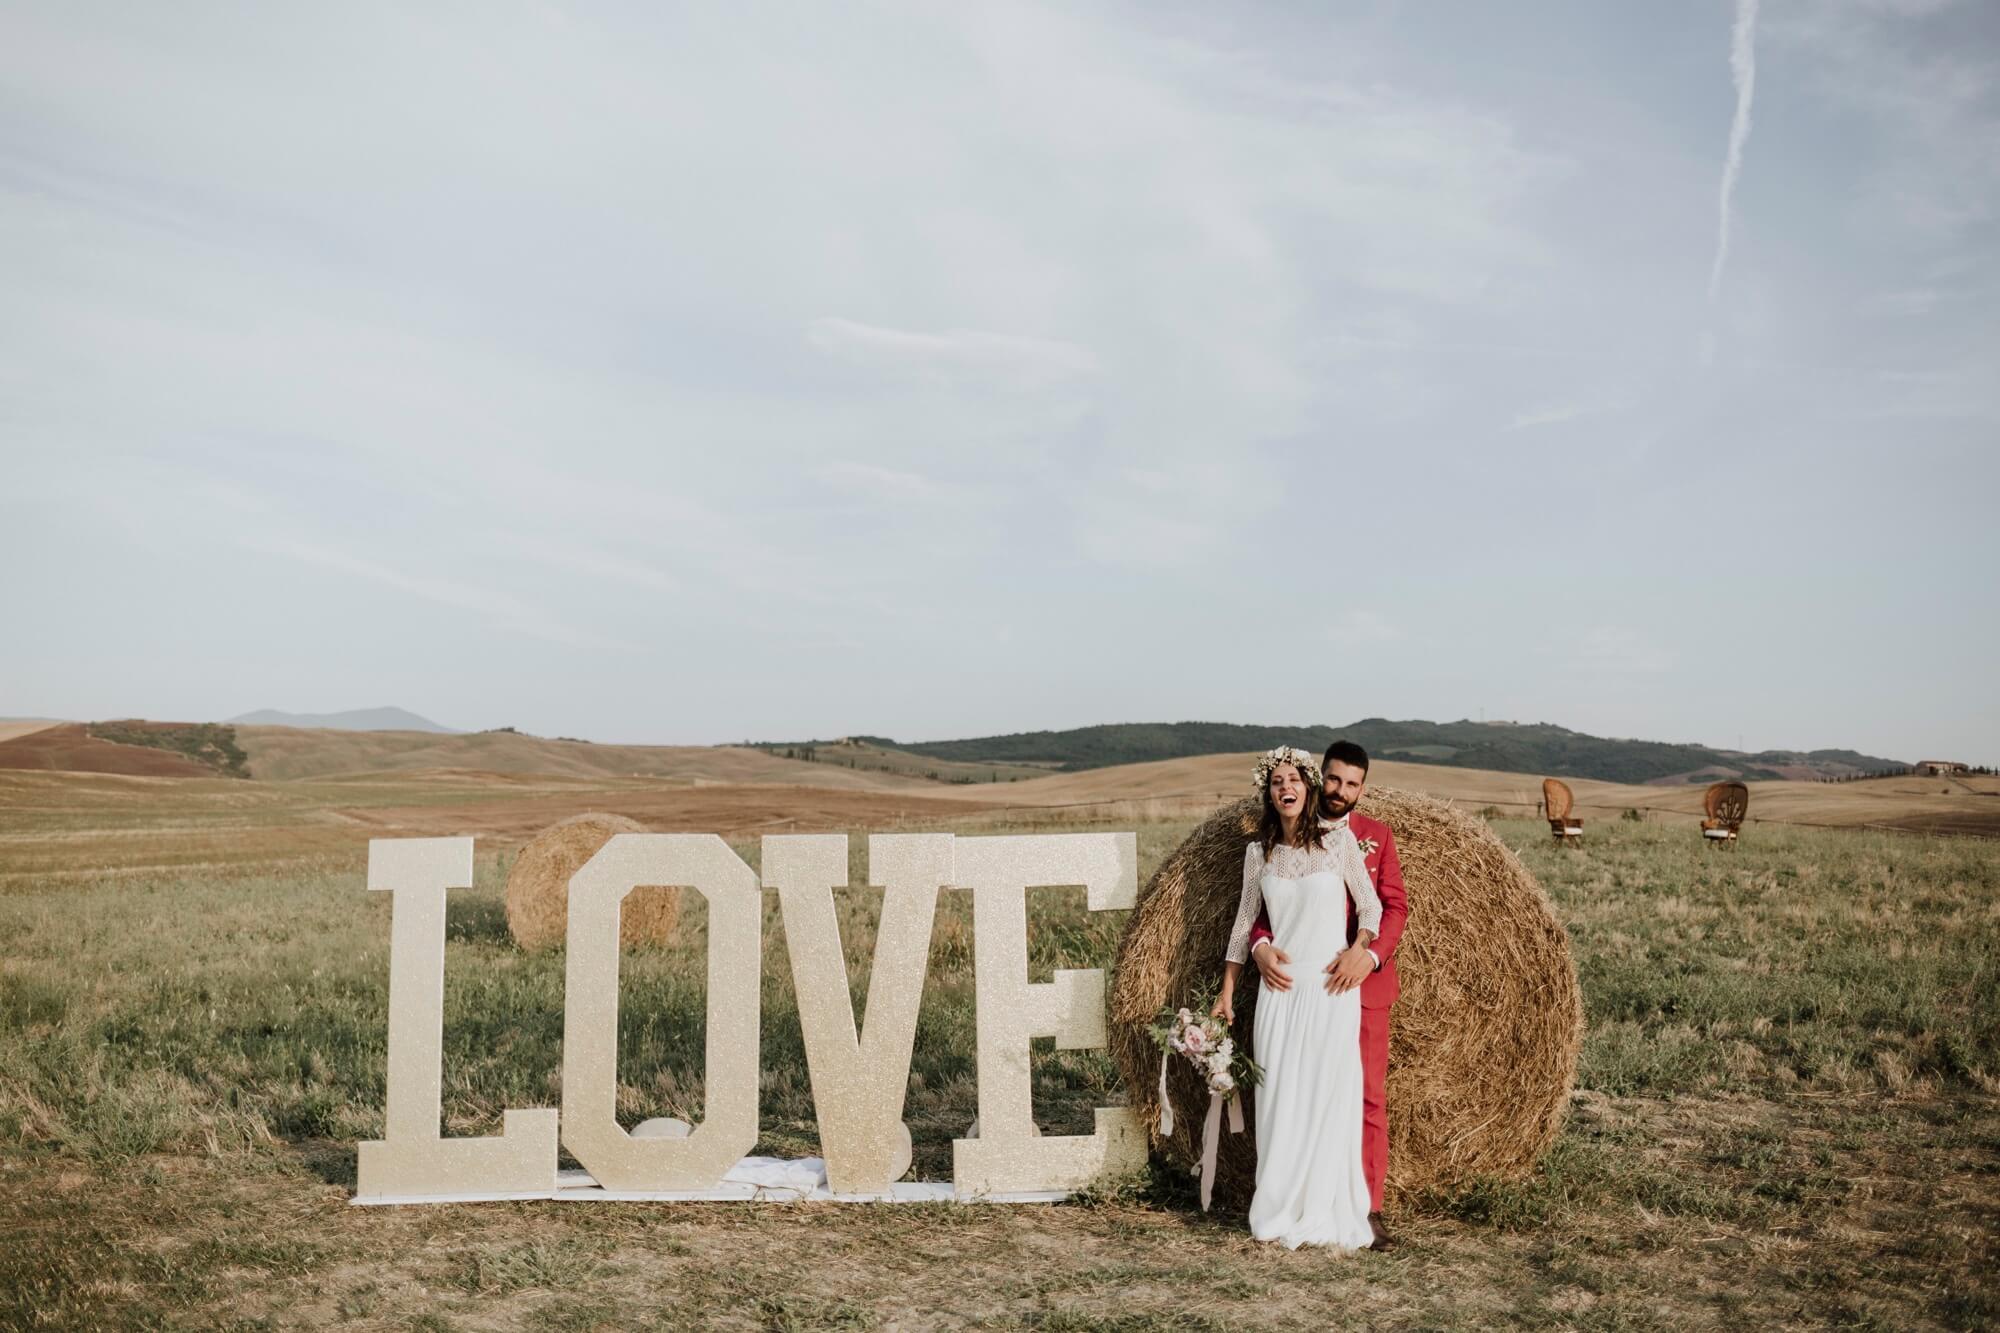 Servizio fotografico di matrimonio in Toscana. Giulia Alessandri Wedding Planner: progettazione e coordinazione matrimoni in Toscana.